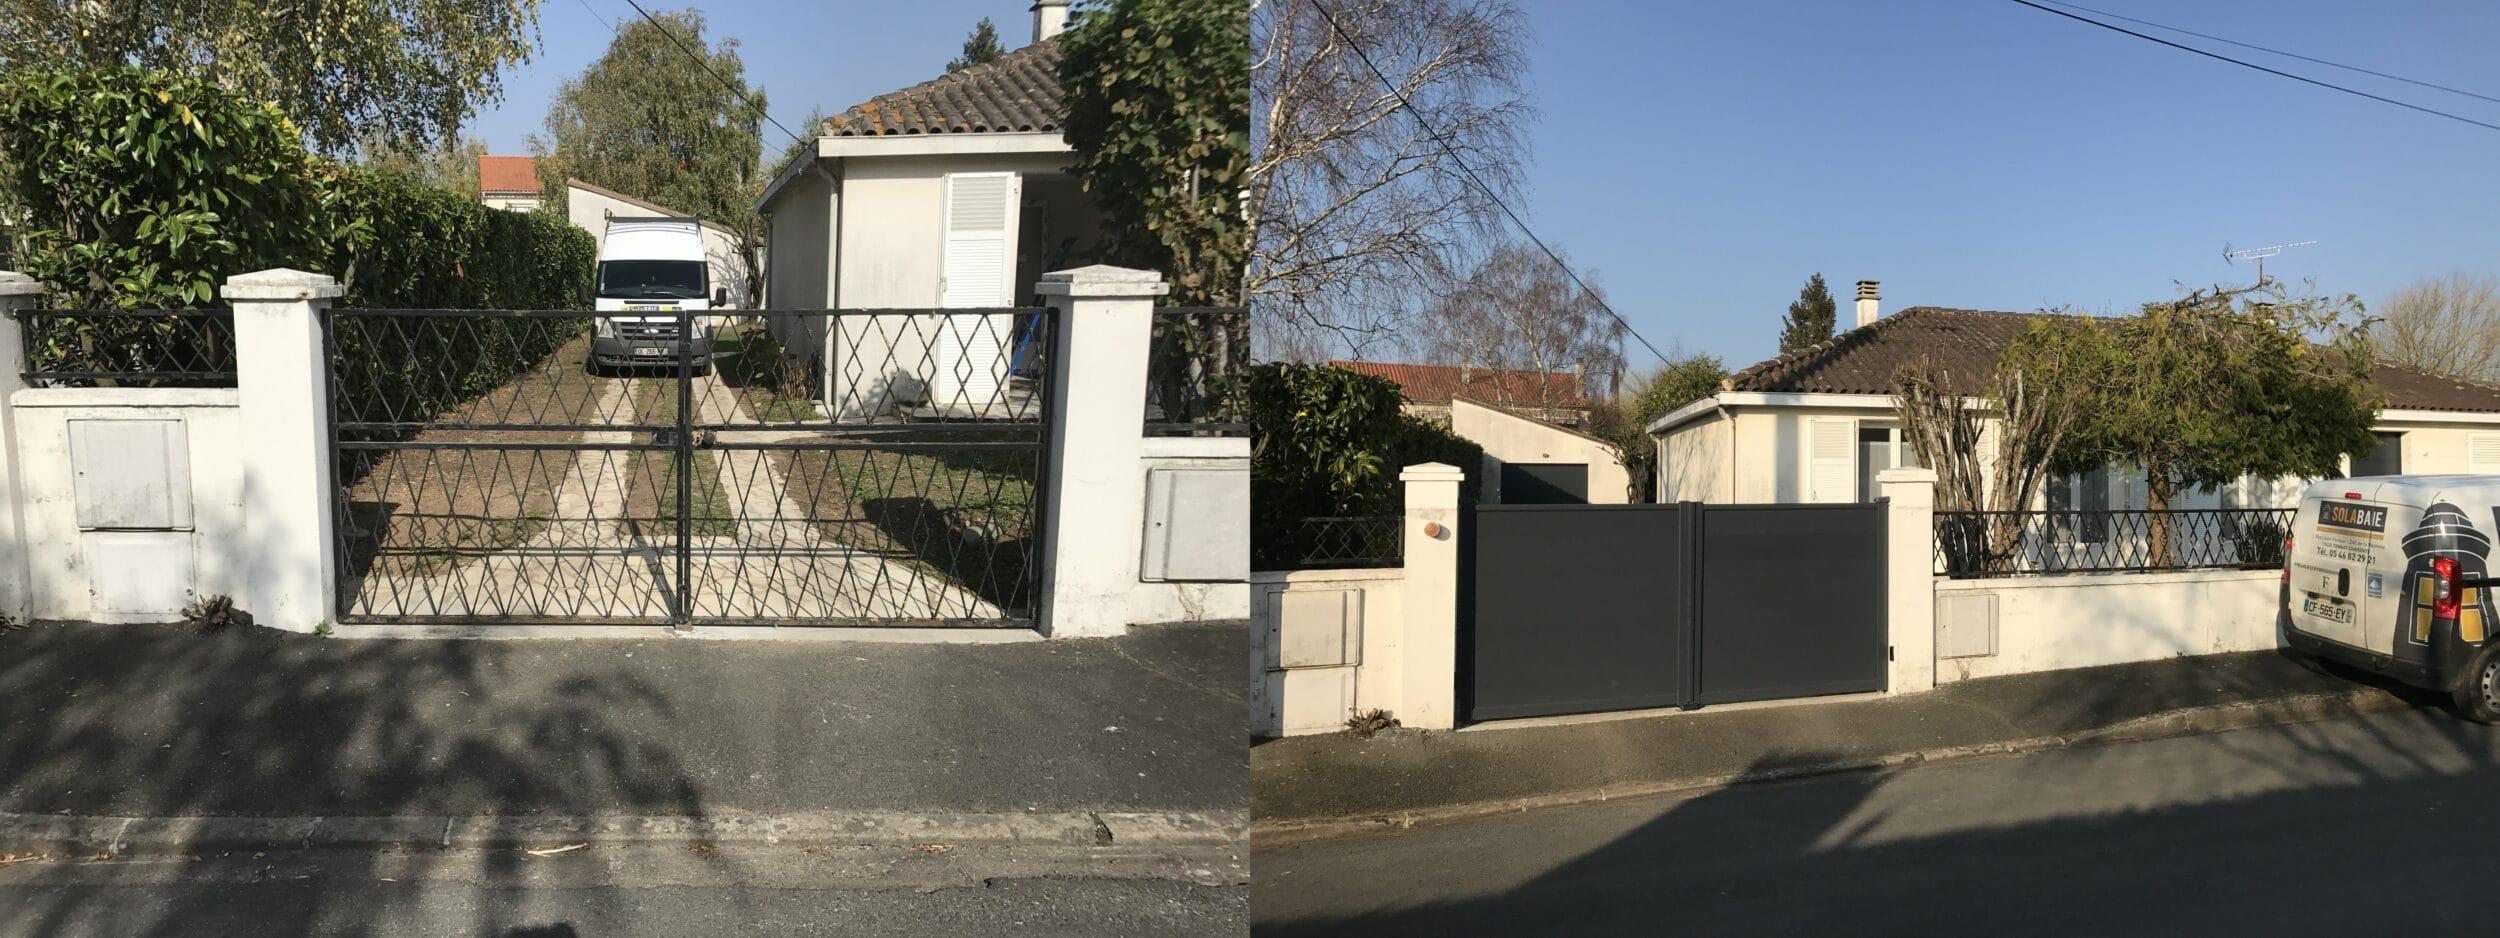 niort r novation totale de l 39 ext rieur de cette maison dans le quartier de brizeaux. Black Bedroom Furniture Sets. Home Design Ideas